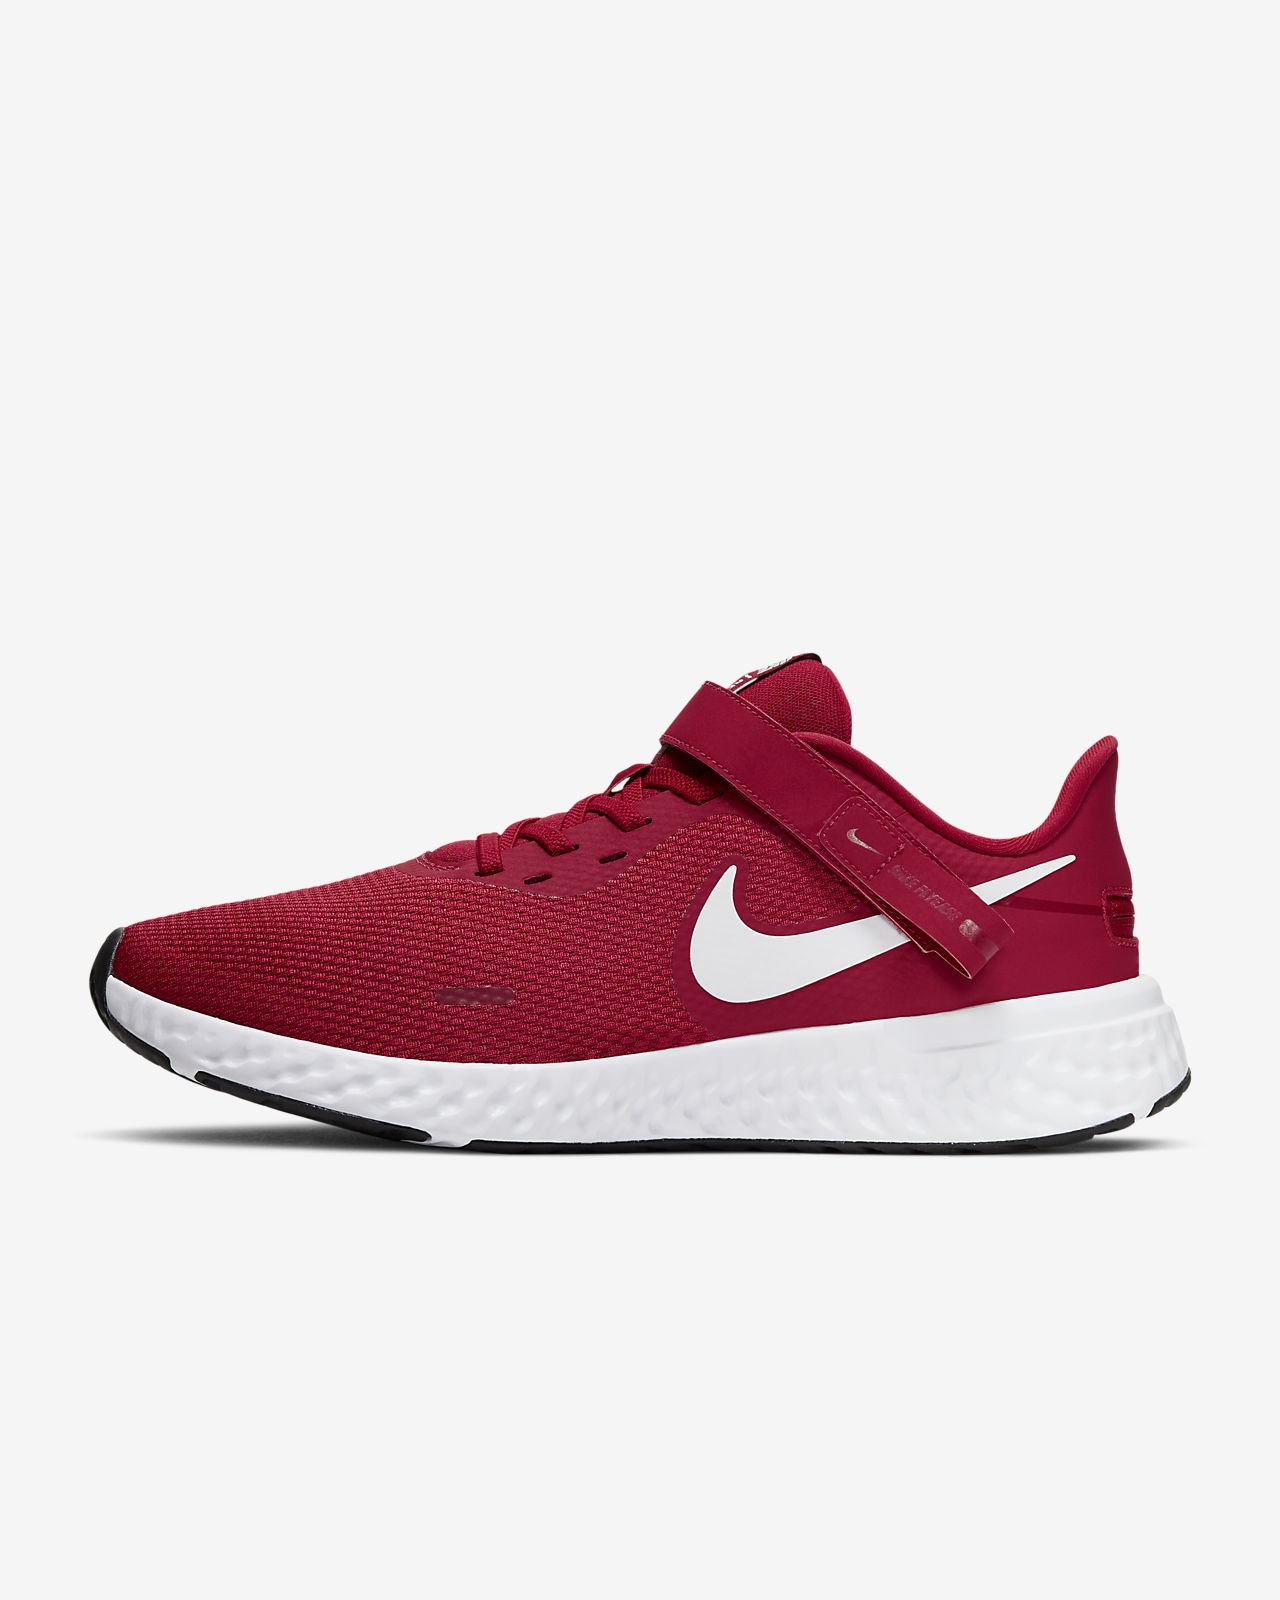 Löparsko Nike Revolution 5 FlyEase (extra bred modell) för män